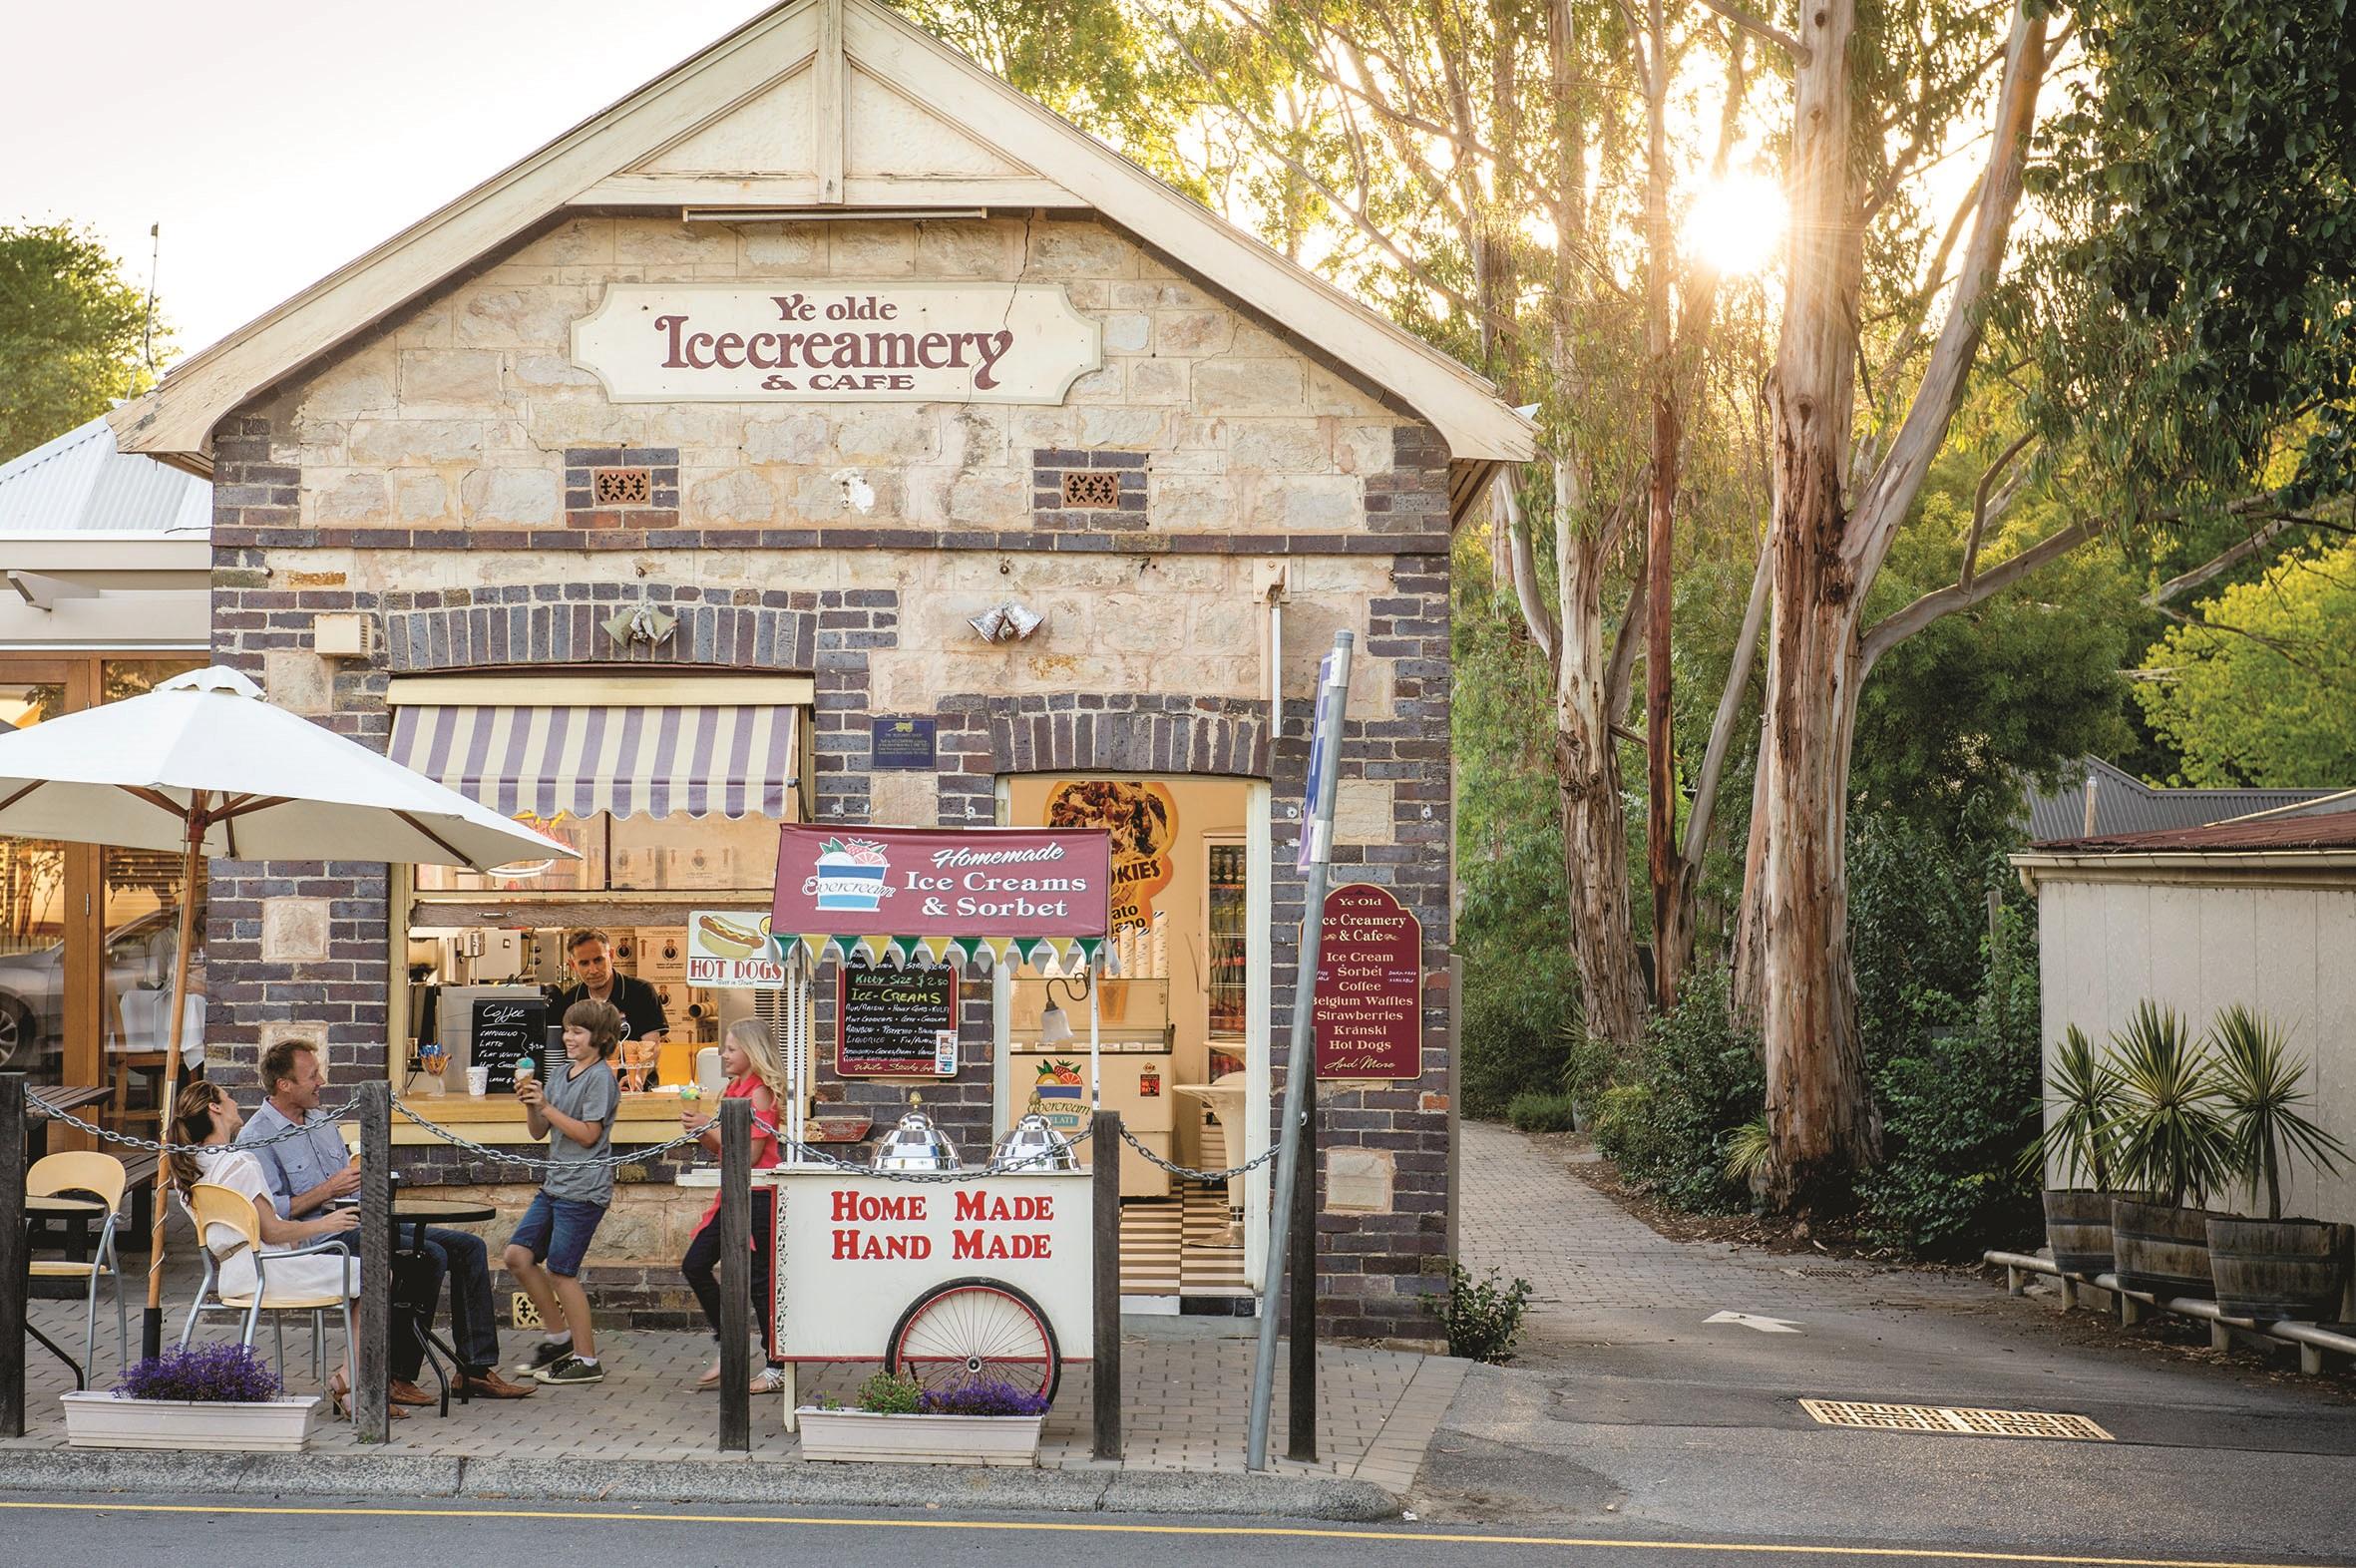 Ye Olde Icecreamery & Cafe